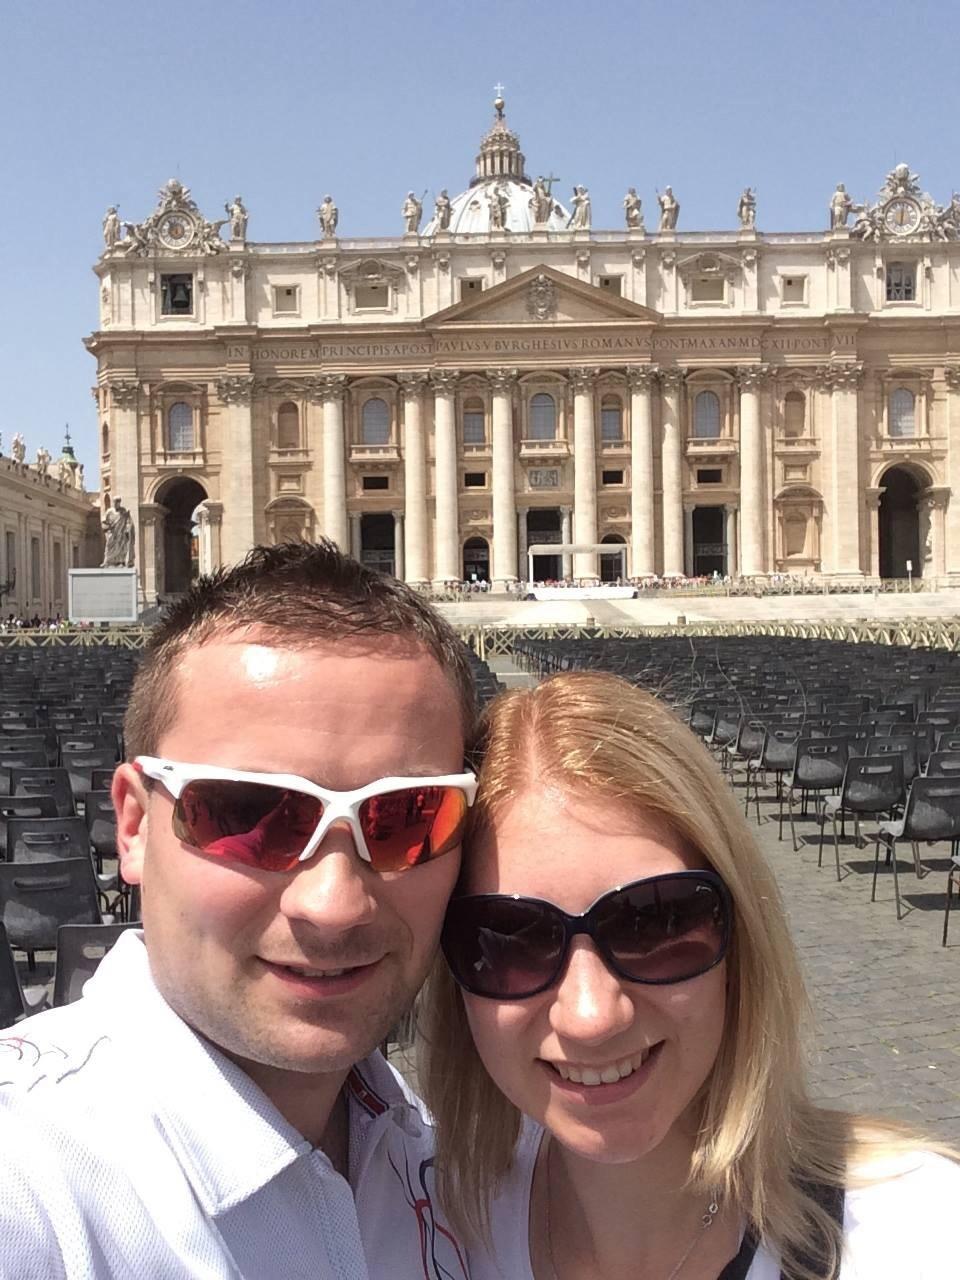 Zásnuby v Římě - Obrázek č. 1